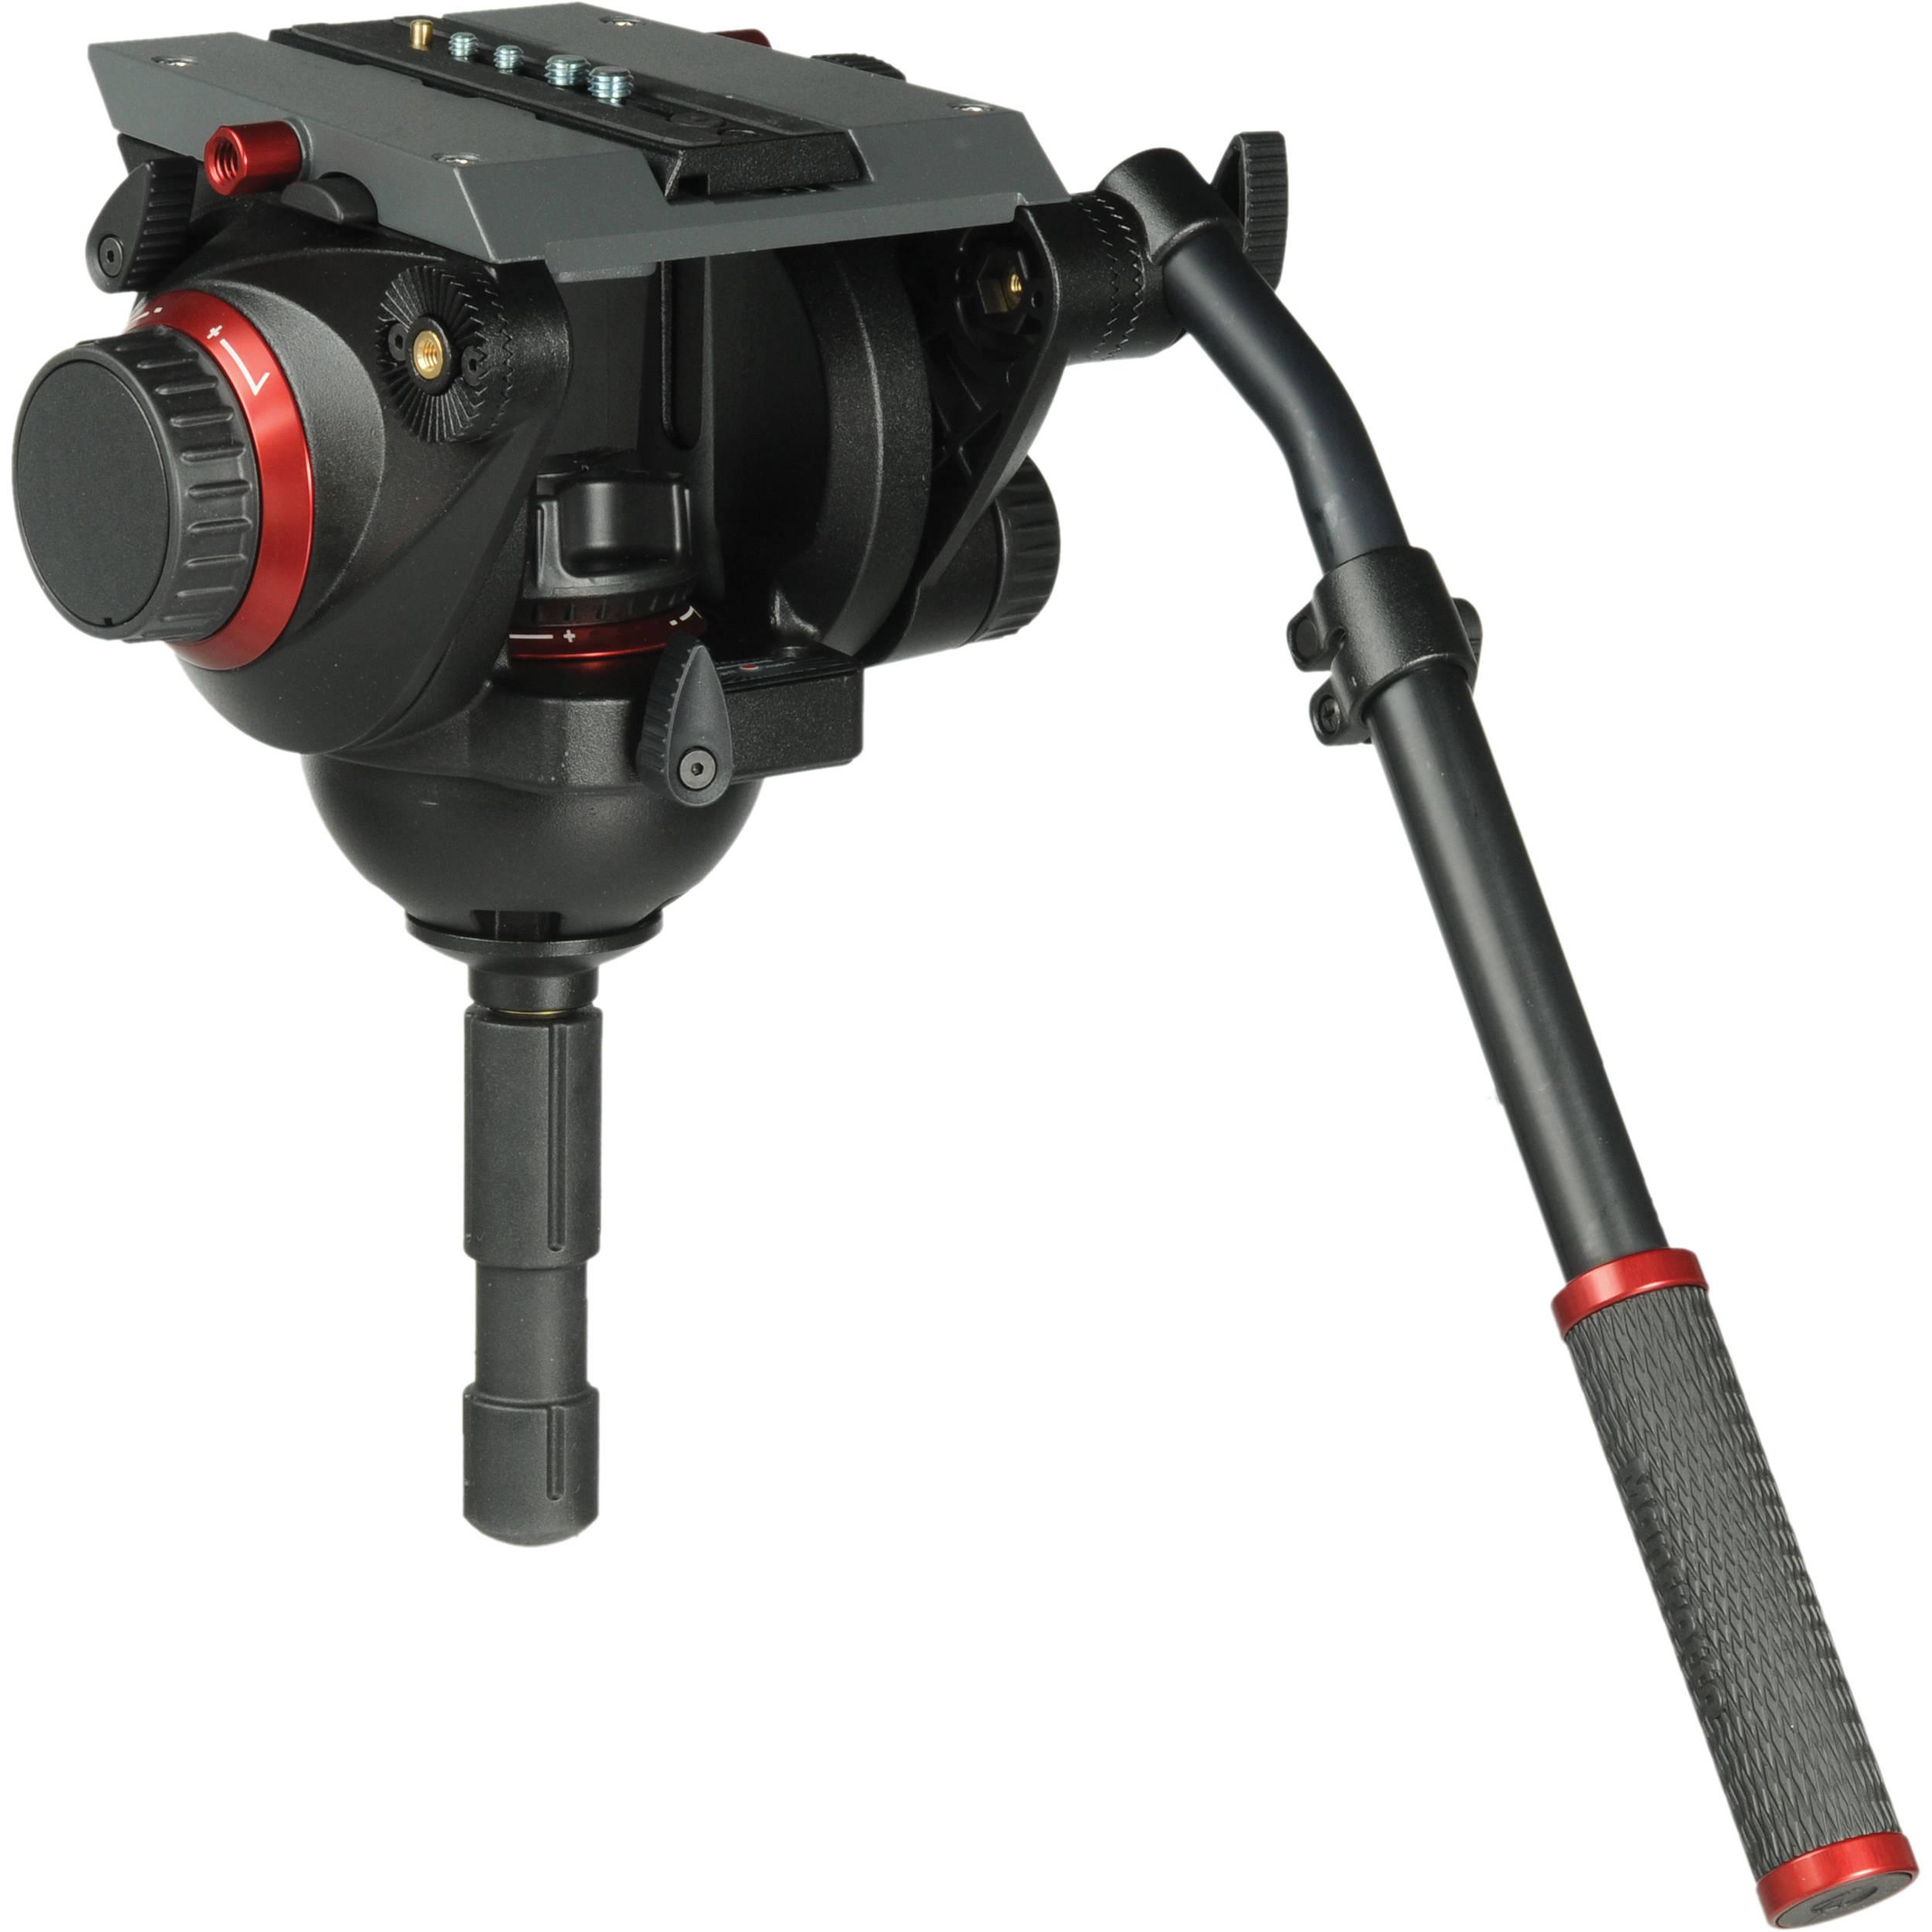 Manfrotto 509HD Pro Video Head